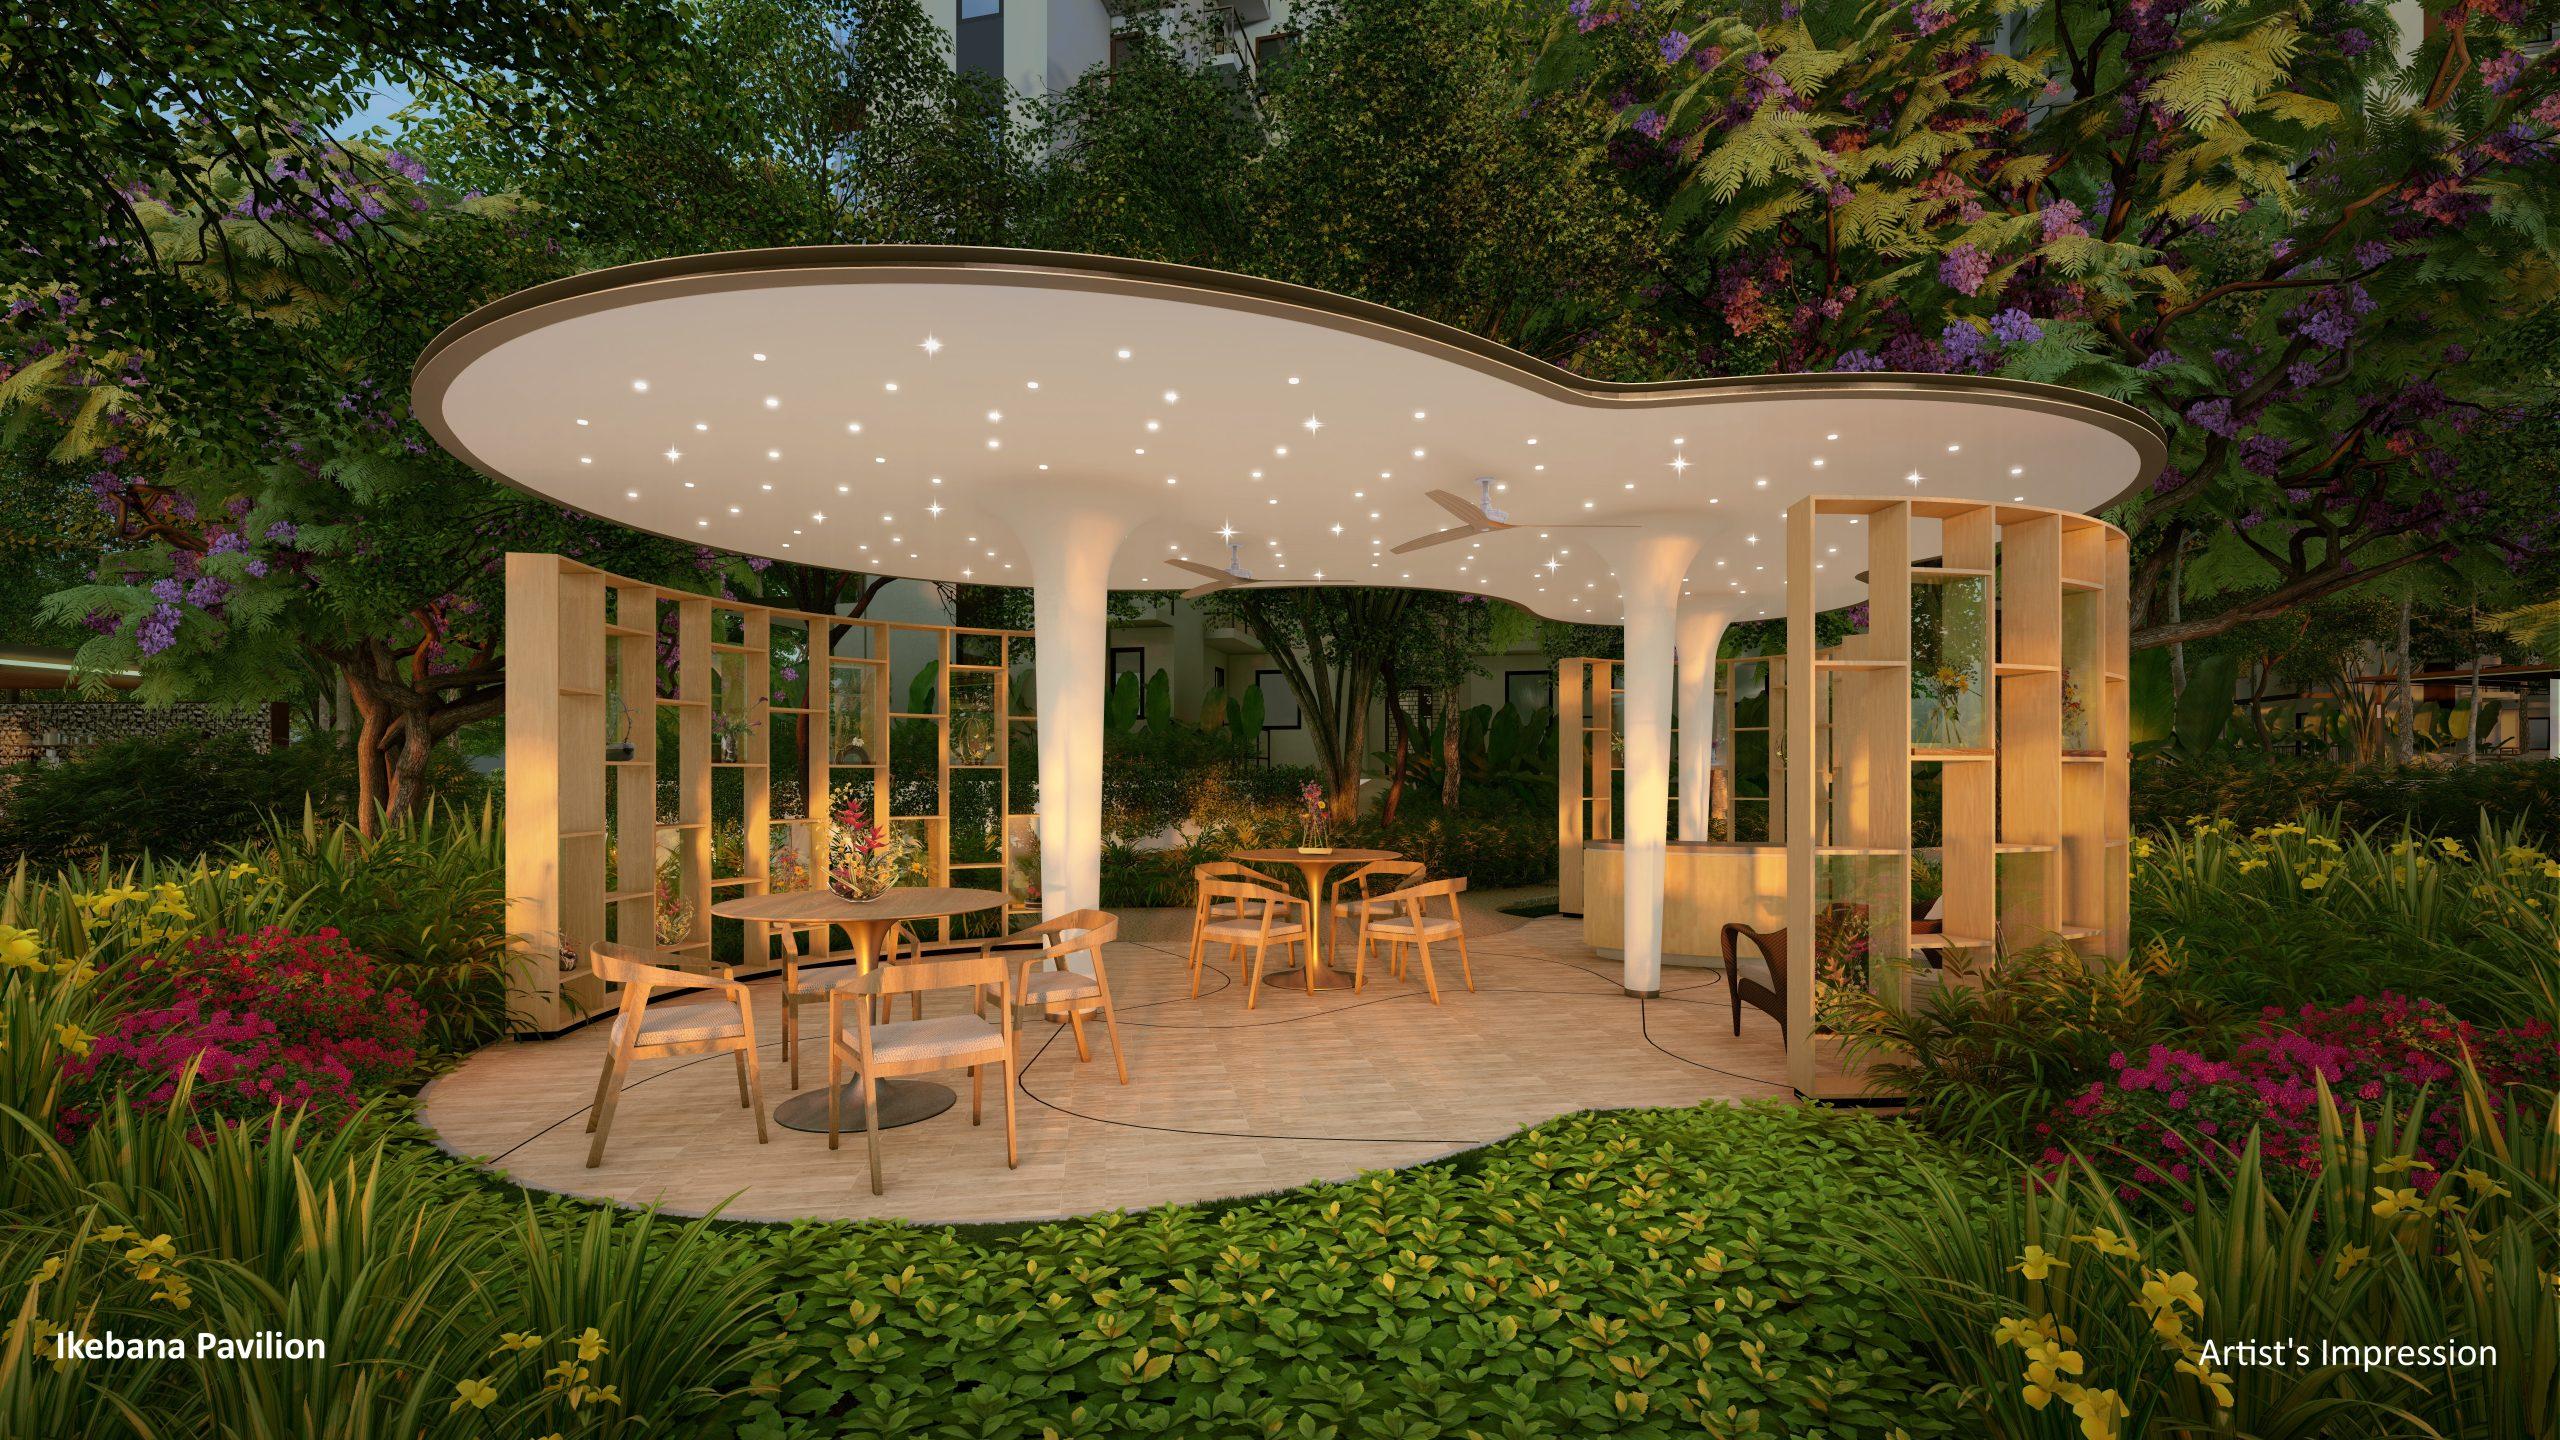 Ikebana Pavilion